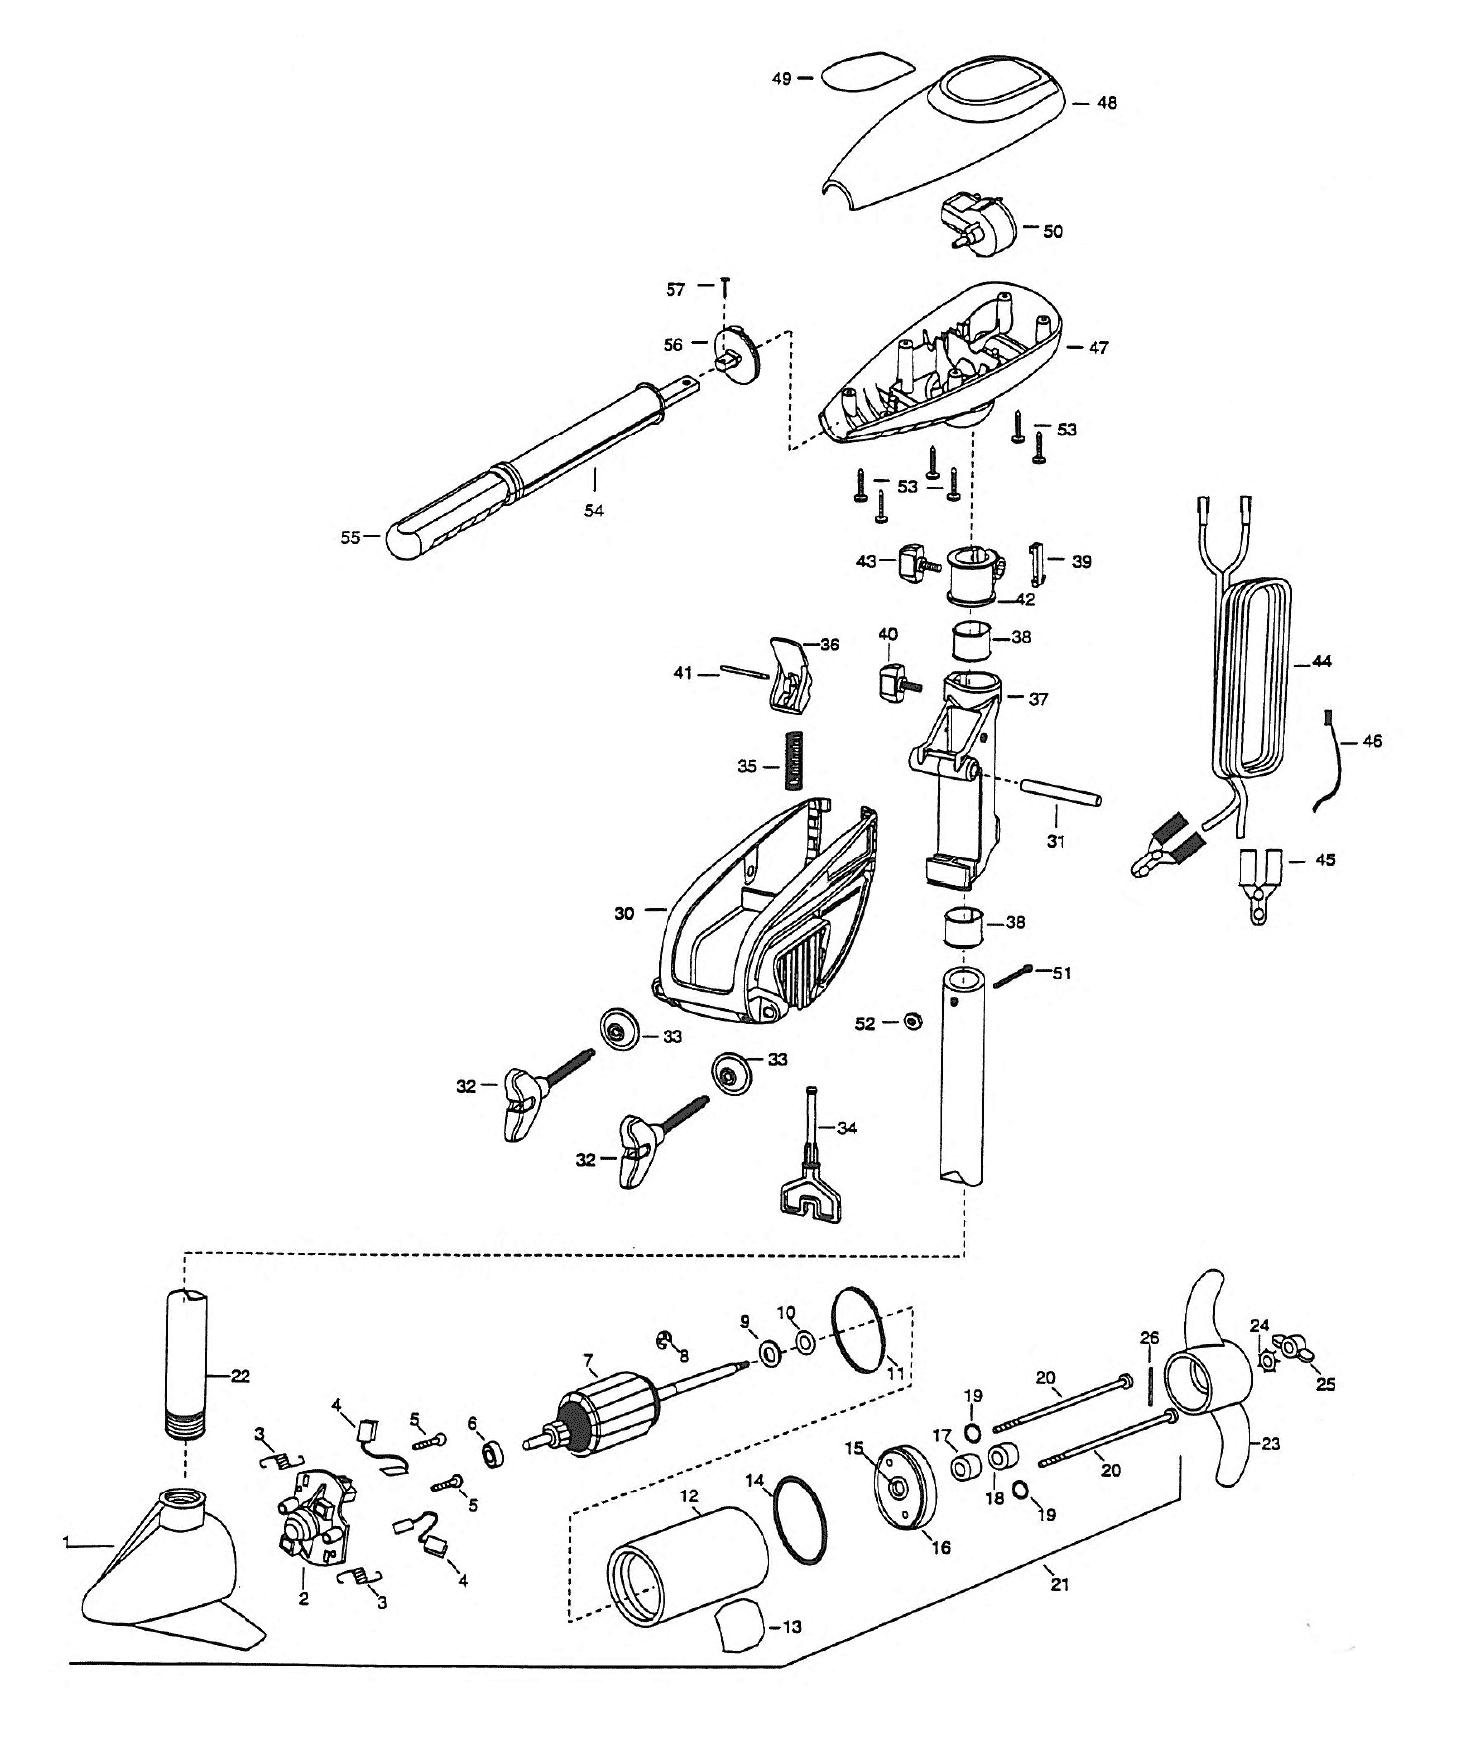 Ulterra Minn Kota Wiring Diagram